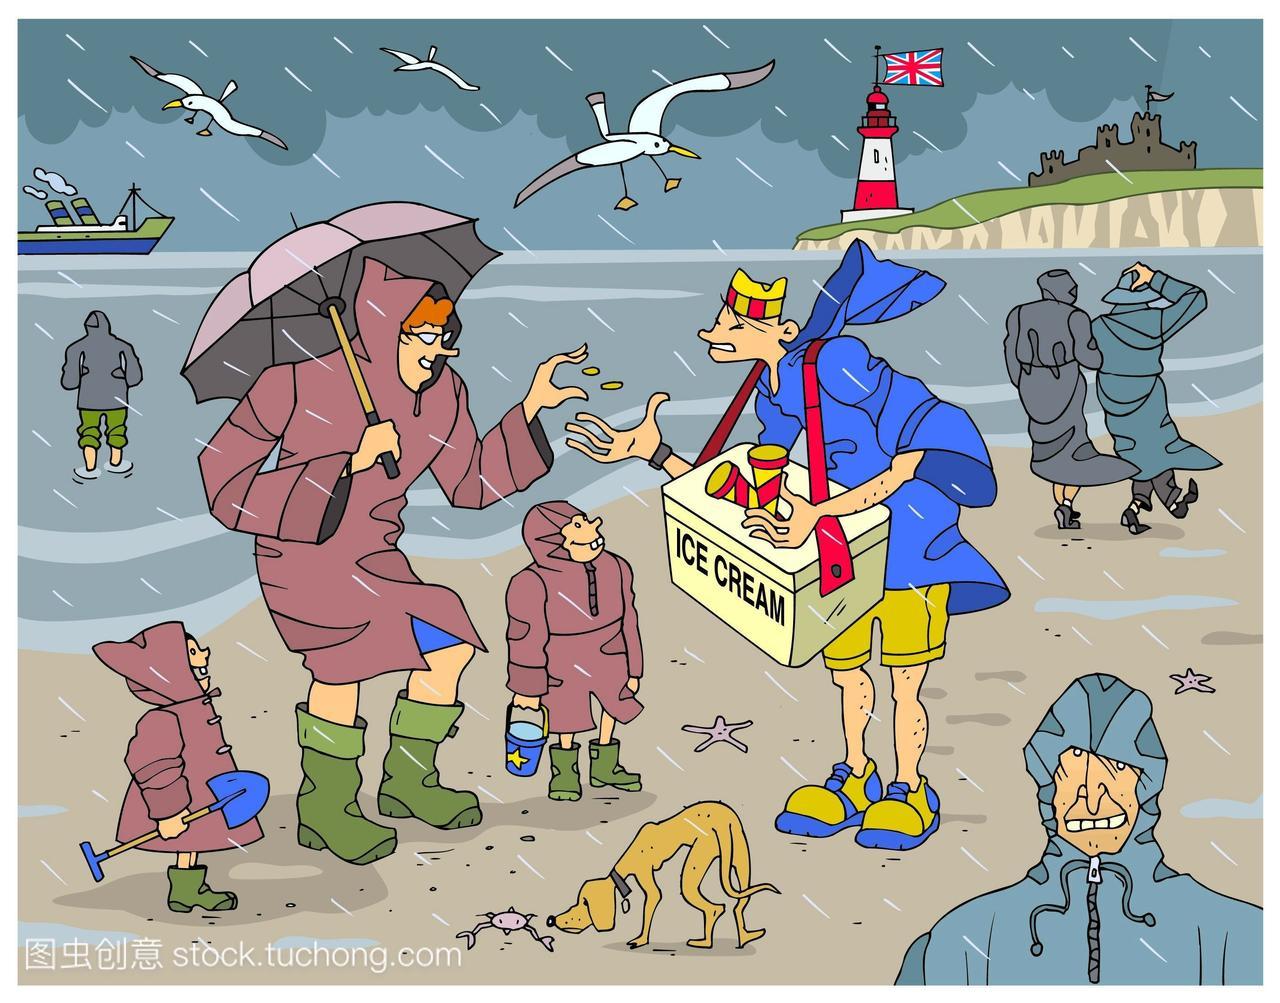 筑,英国,学生,美女,人,未成年,狗,邪恶,比荷卢漫画奶被幽默经济吸地理虐图片